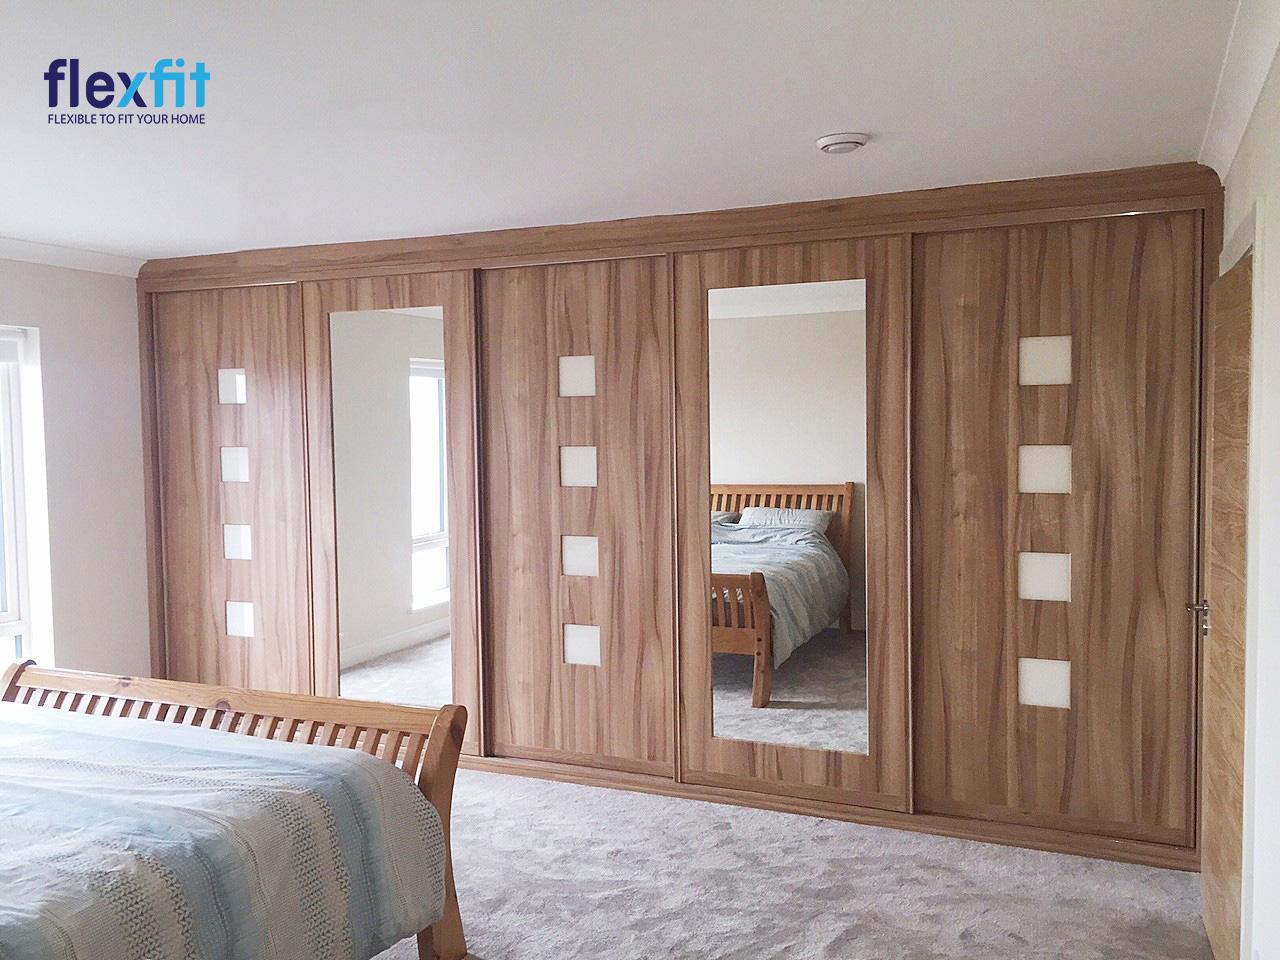 Thiết kế tủ quần áo 5 cánh kịch trần tăng tối đa không gian lưu trữ. Tủ màu nâu vân gỗ cùng tông với giường ngủ mang lại cảm giác đồng bộ.Hai cánh có gương chính là điểm nhấn với lạ cho không gian.